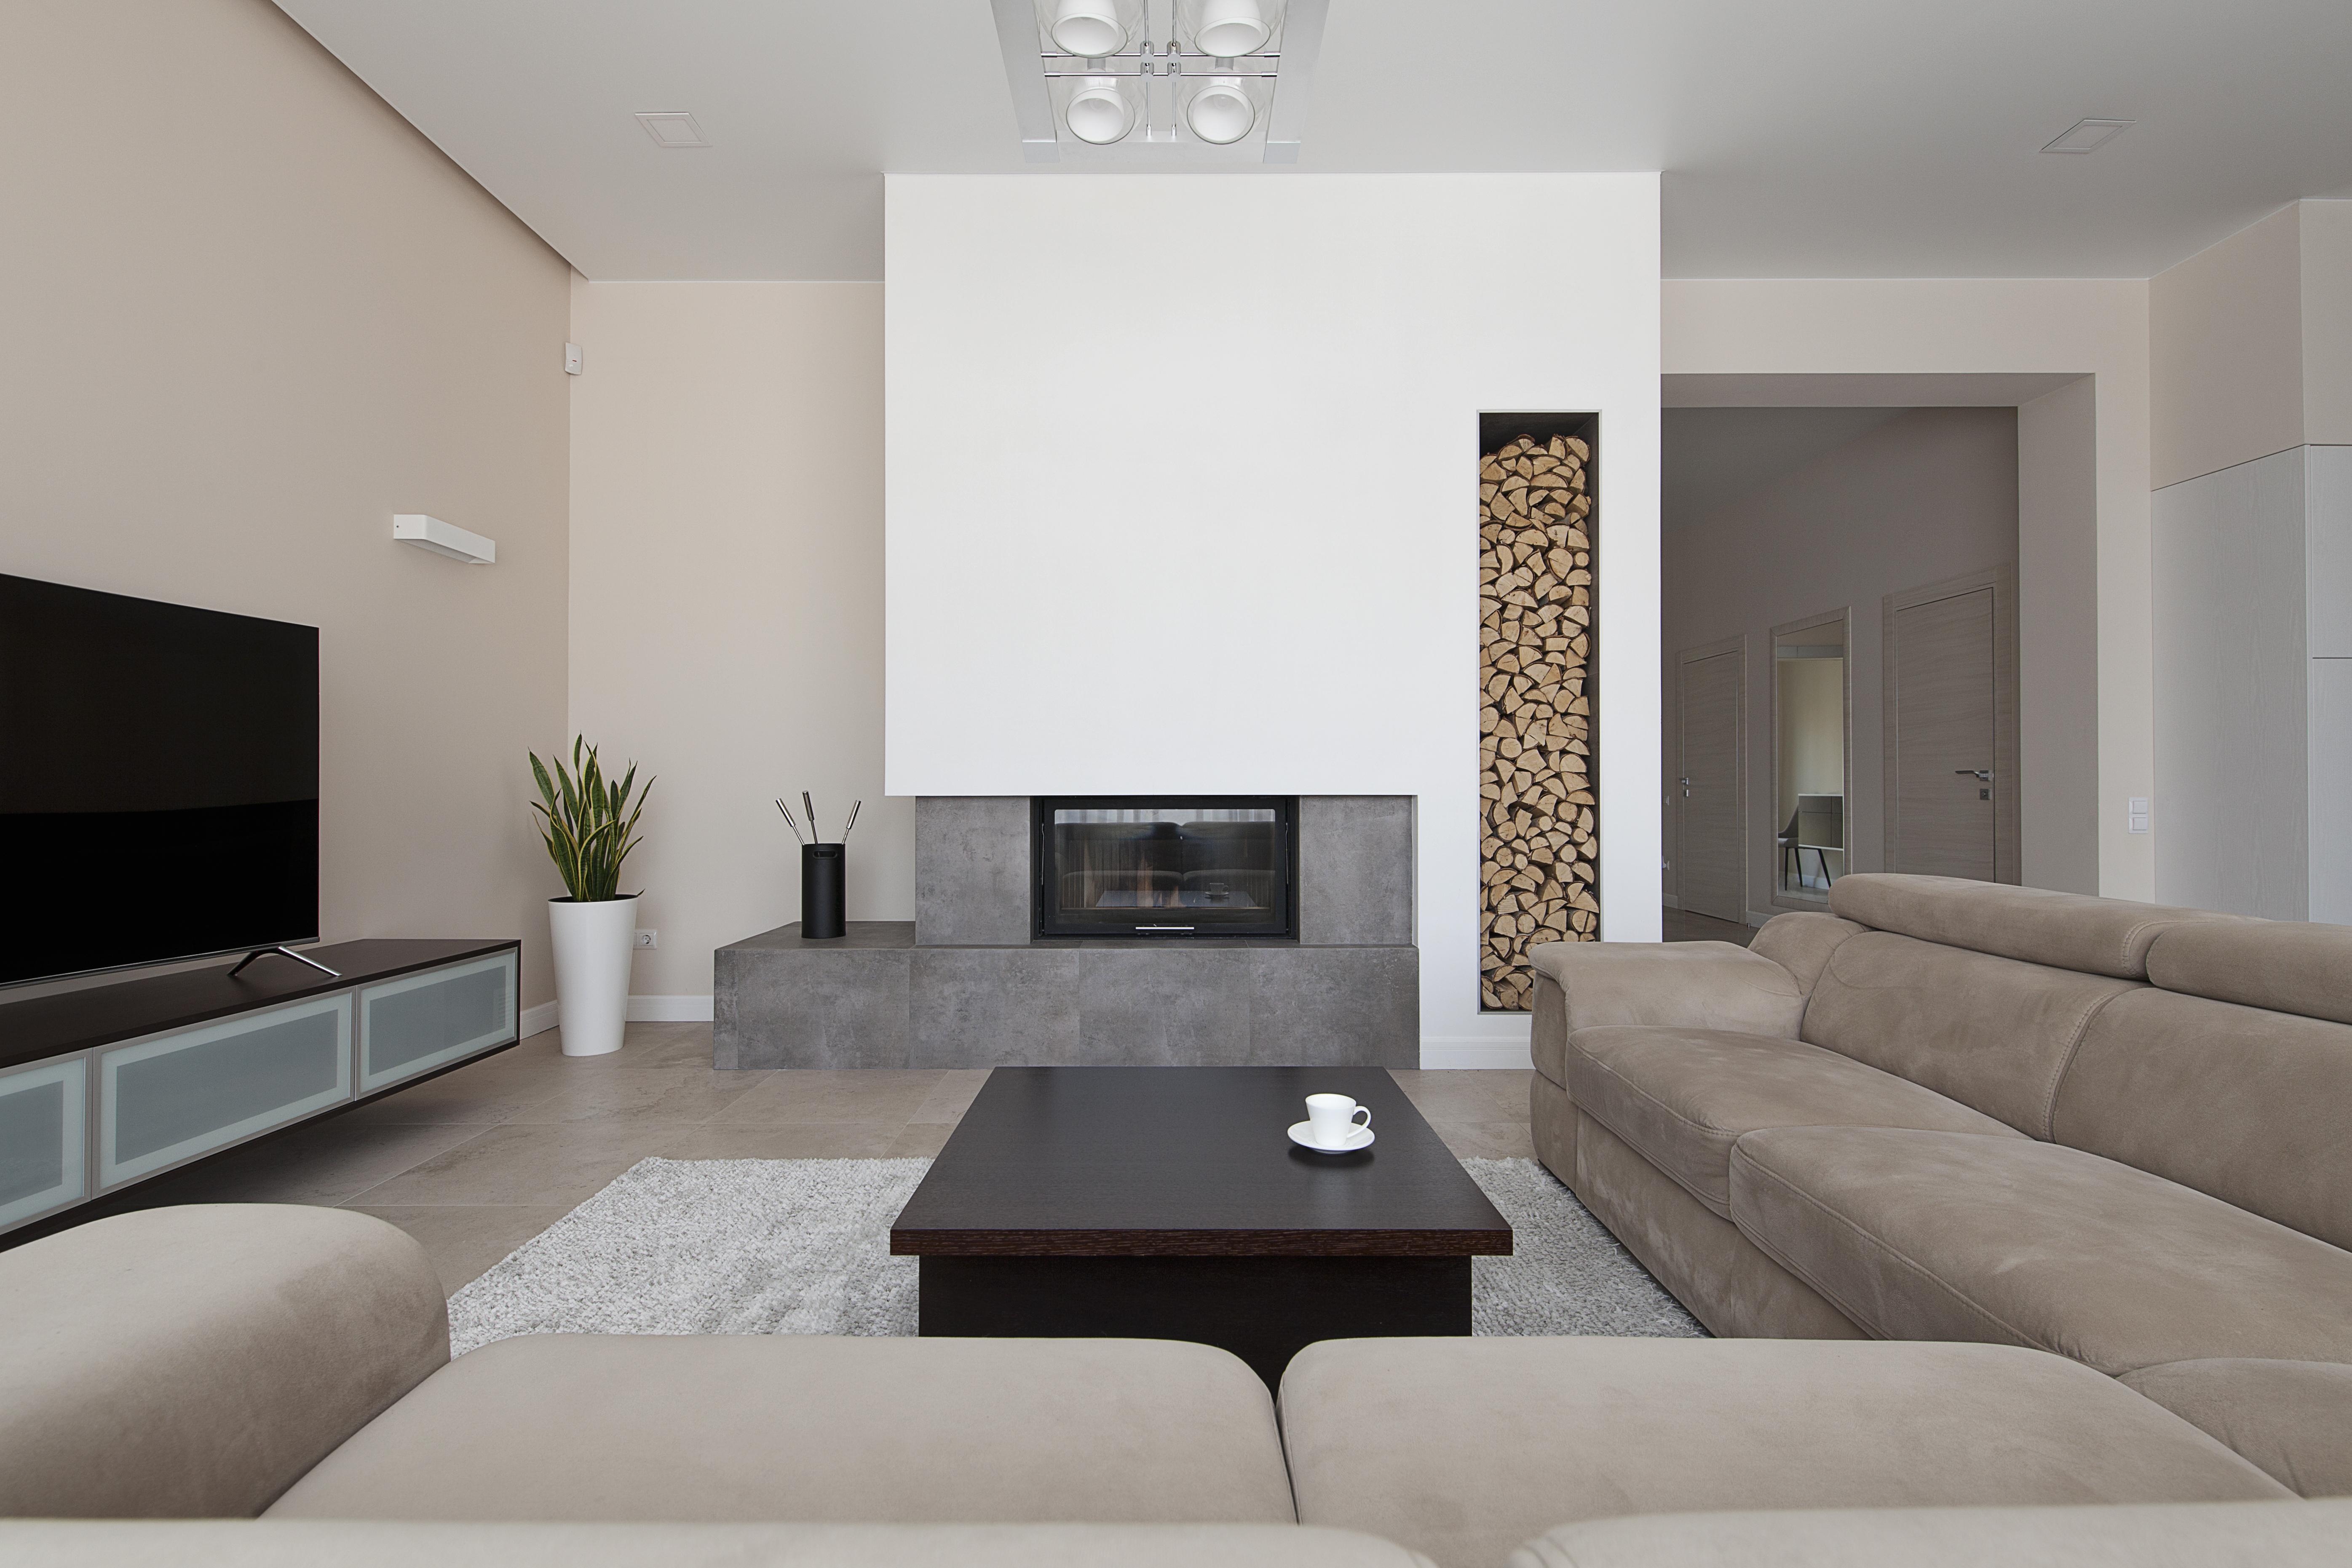 дизайн интерьера частного дома Калининград